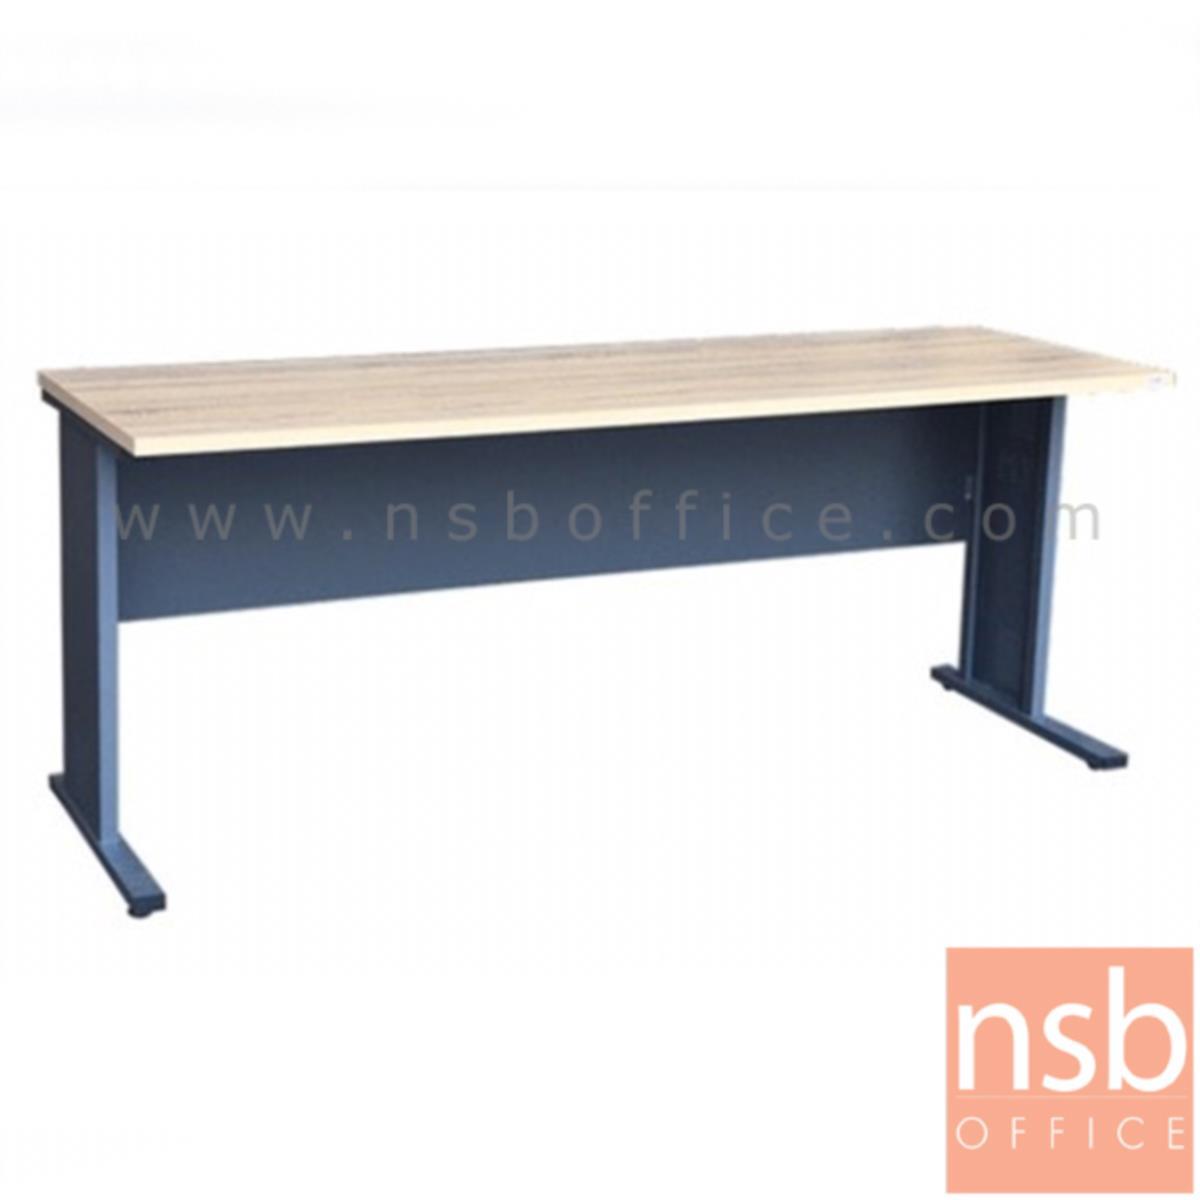 A10A062:โต๊ะทำงาน  รุ่น Alecto (อะเล็กโต) ขนาด 180W cm. ขาเหล็ก  สีโซลิคตัดเทาเข้มหรือสีมูจิตัดเทาเข้ม